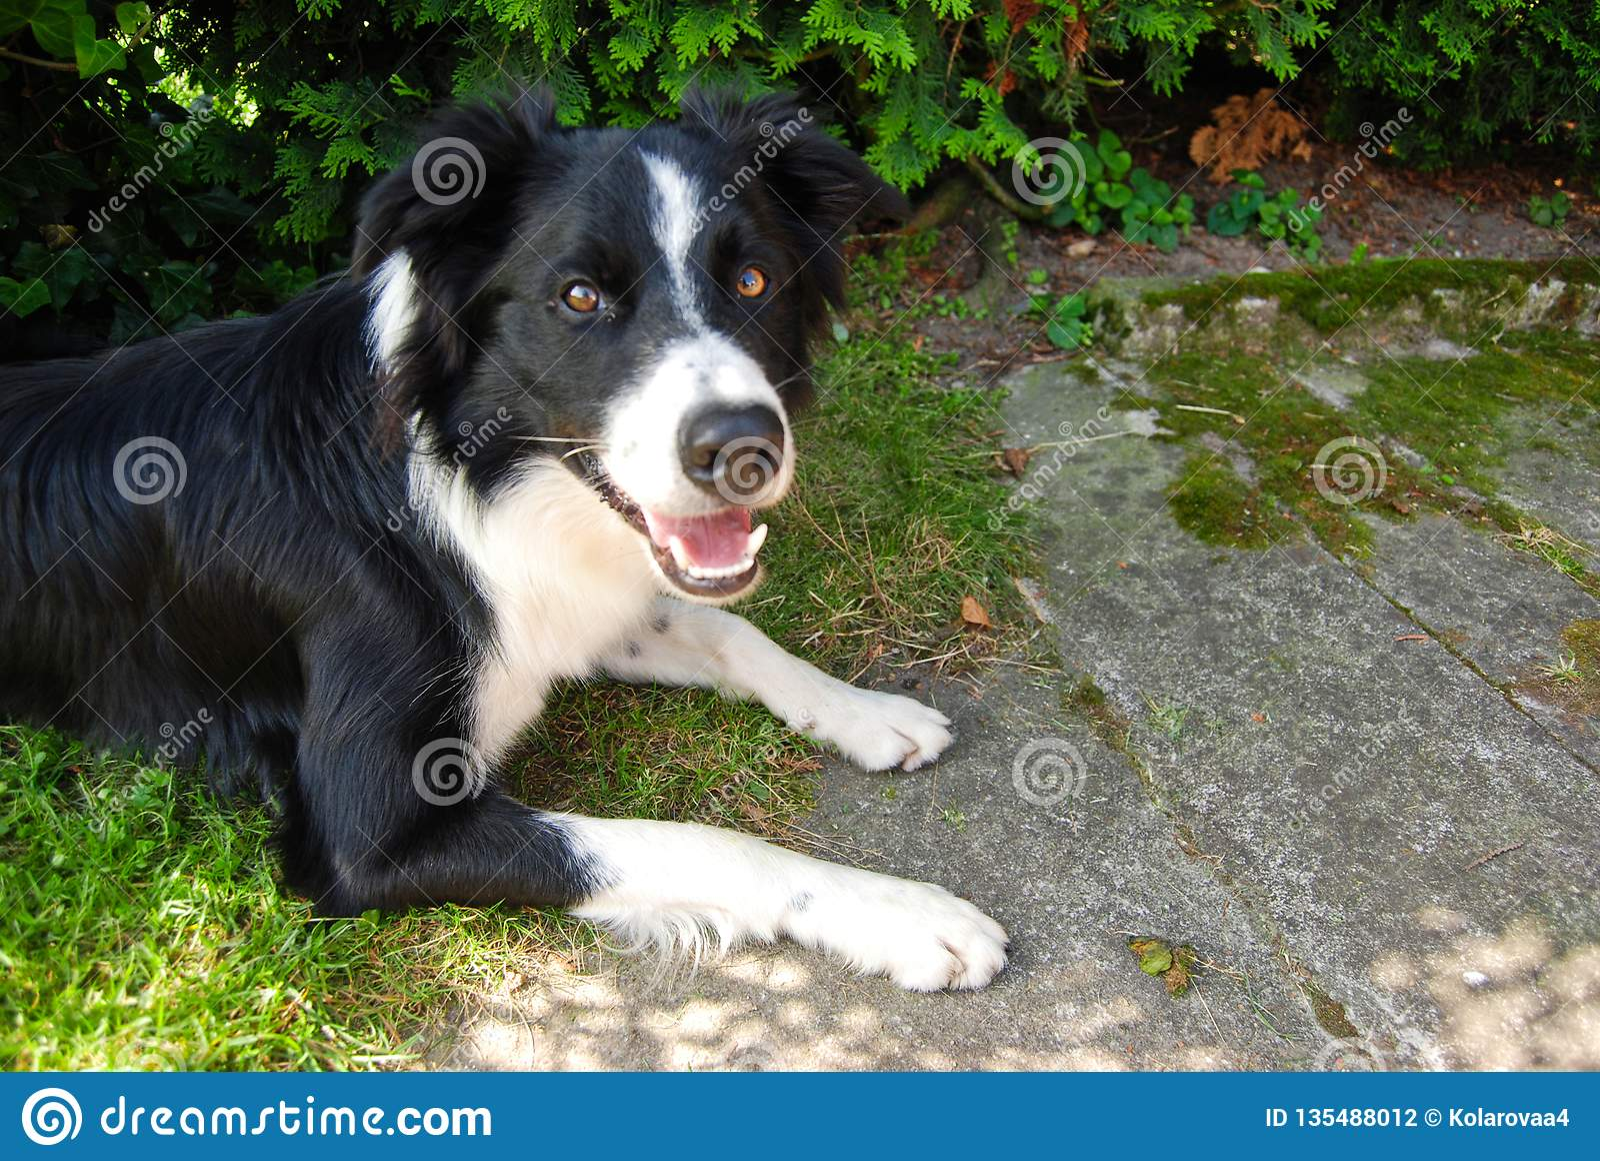 Cute dog - Border Collie, Czech Republic, summer